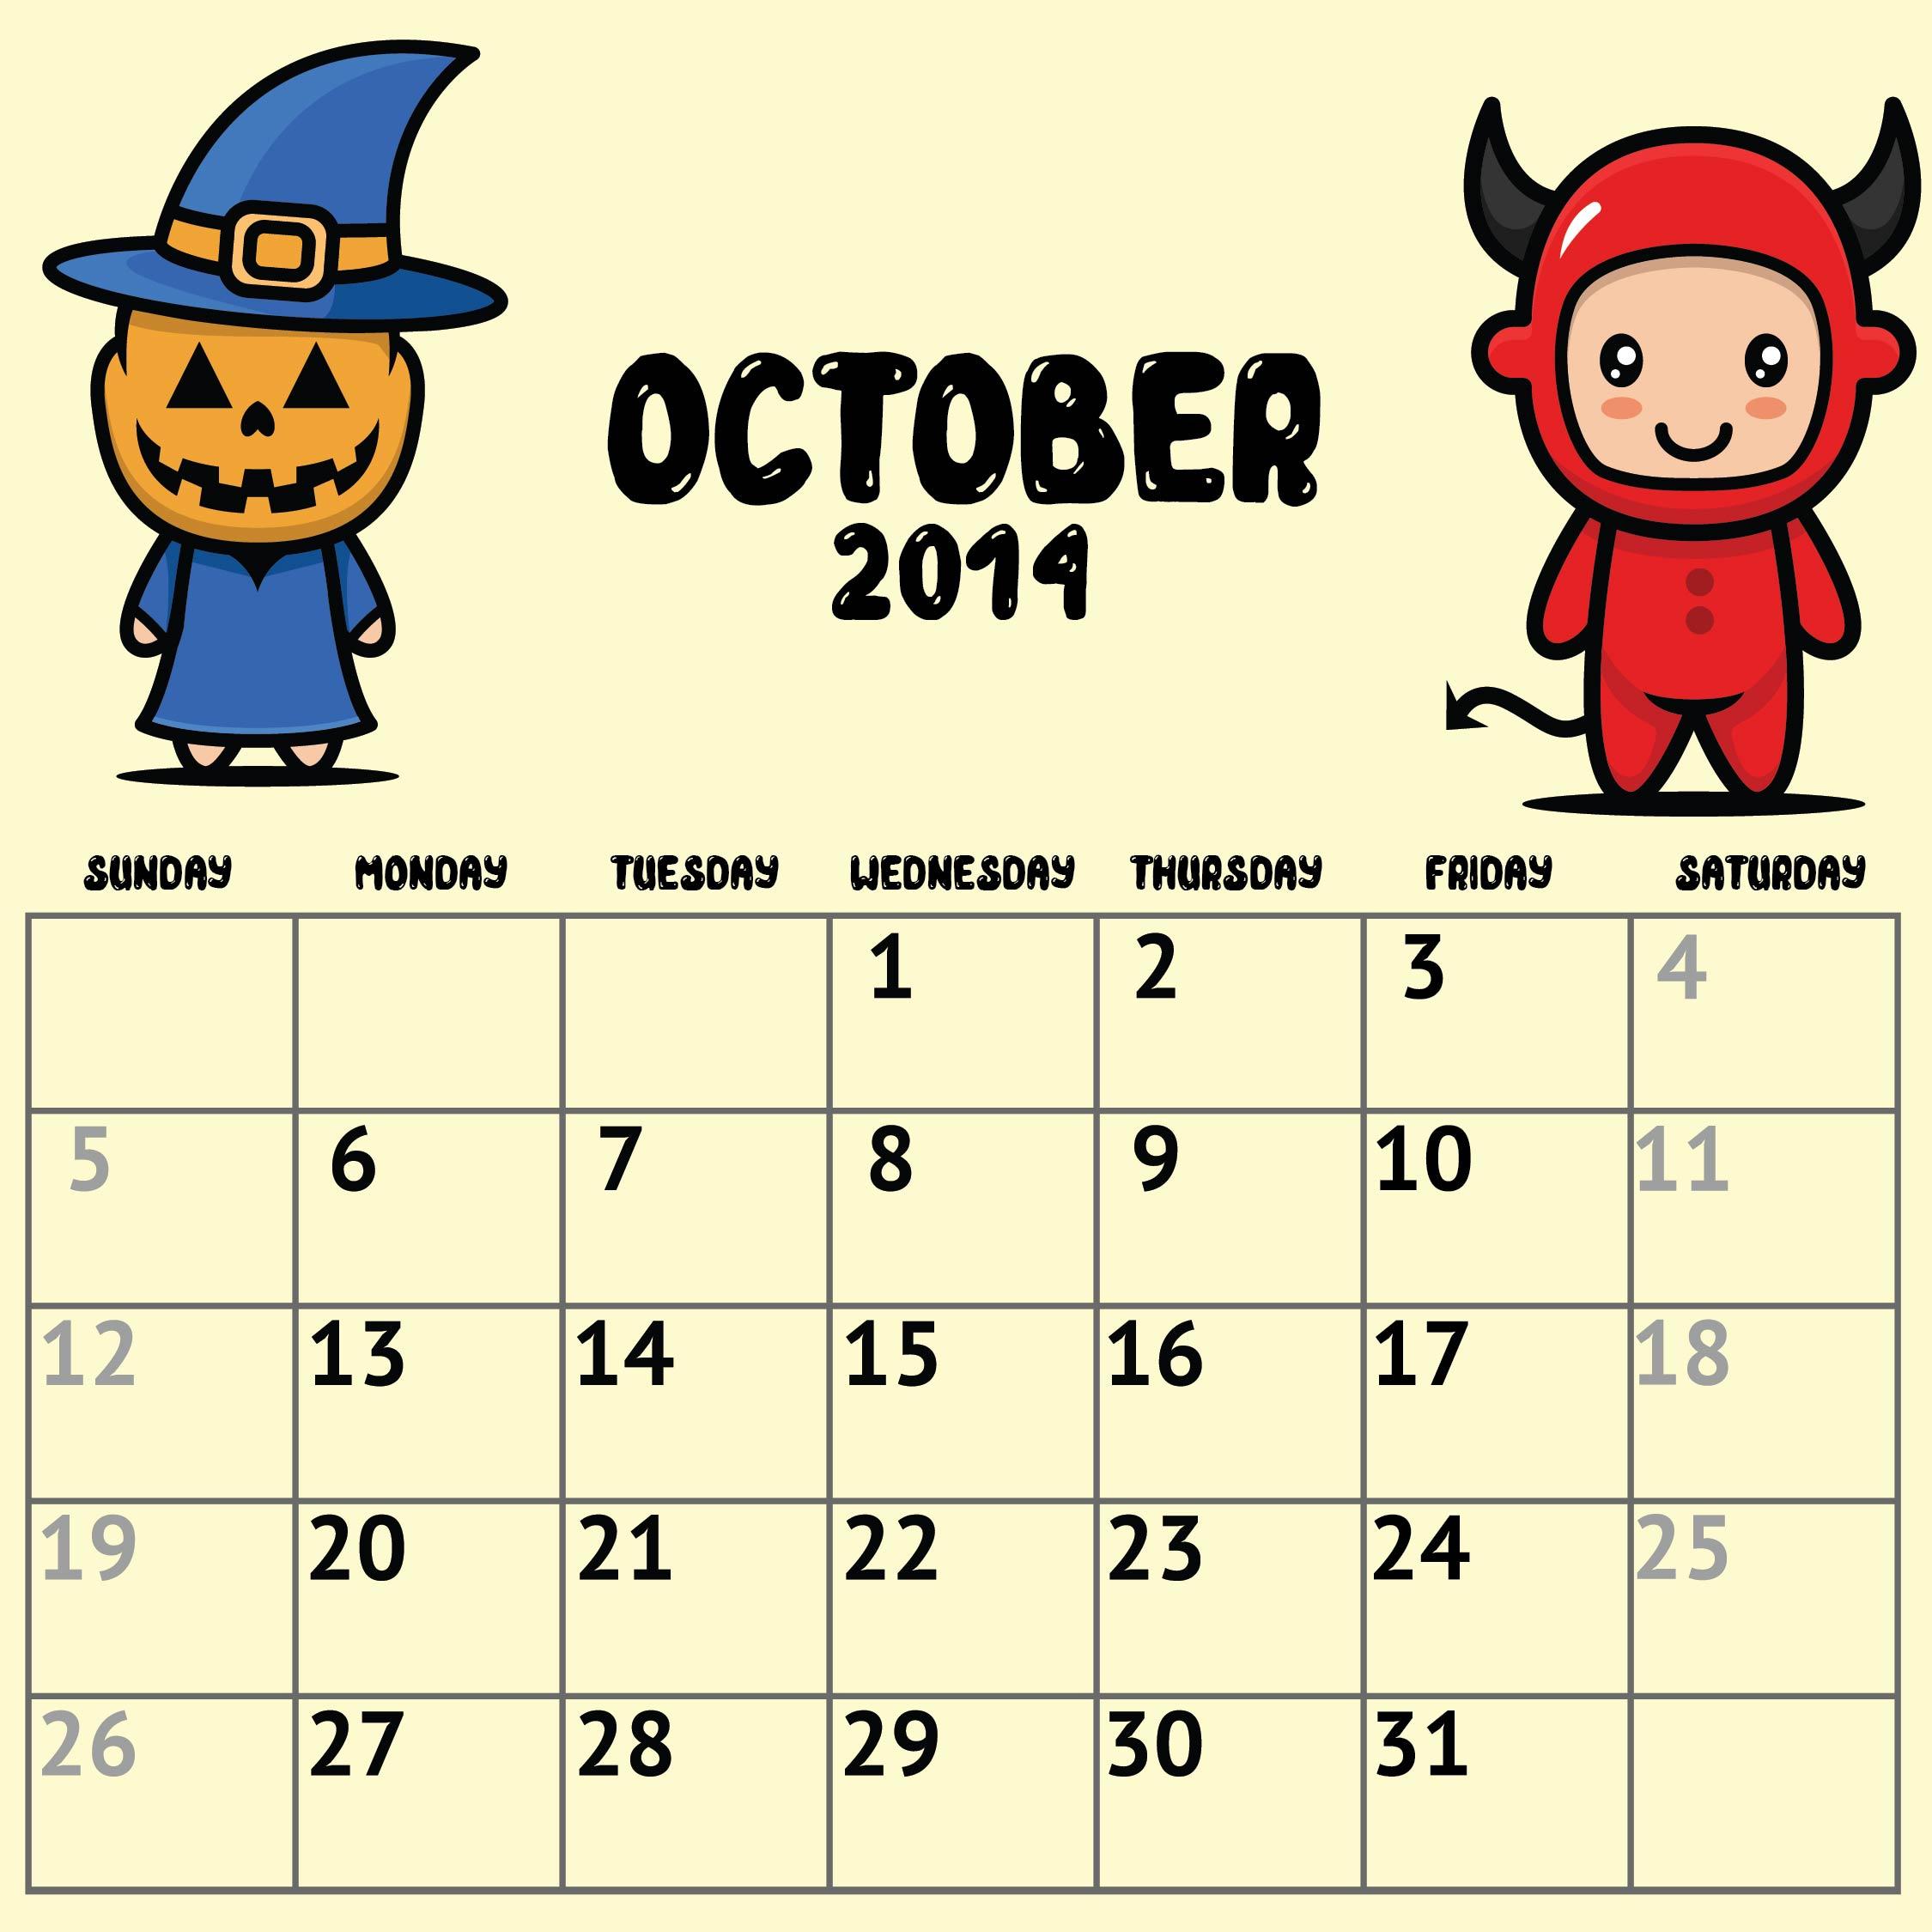 October 2014 Calendar Printable